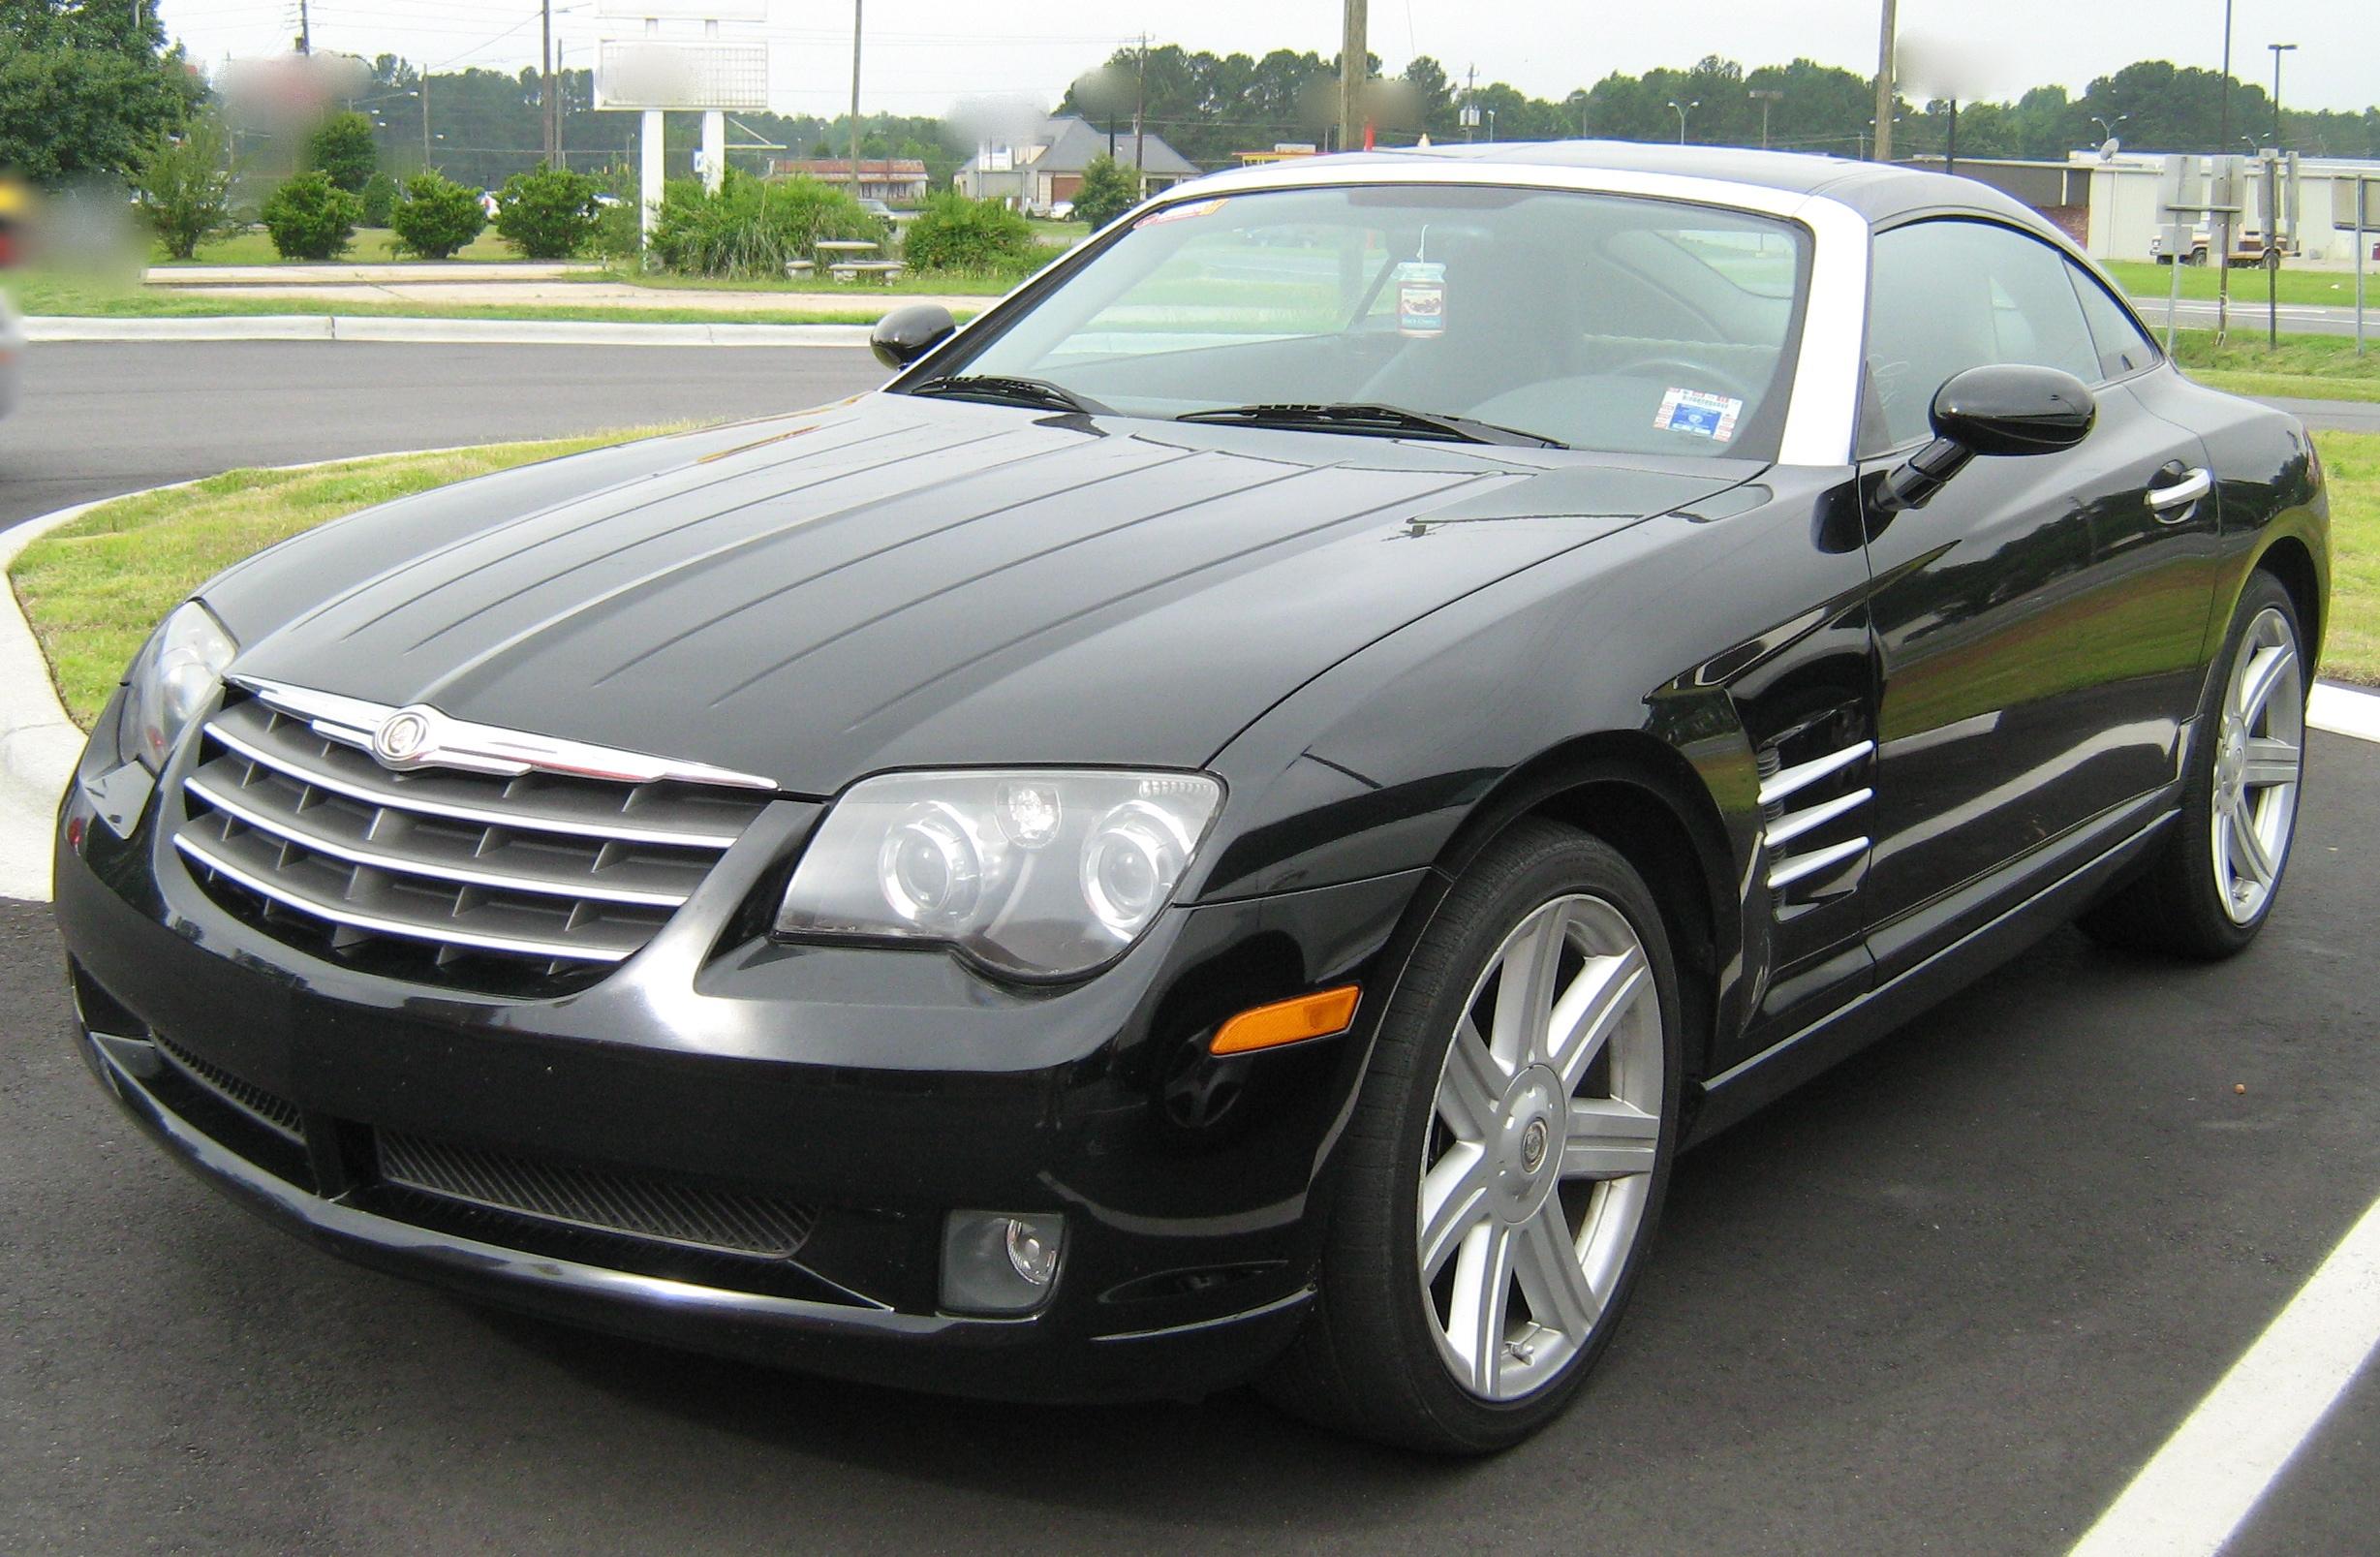 Chrysler Full Hd